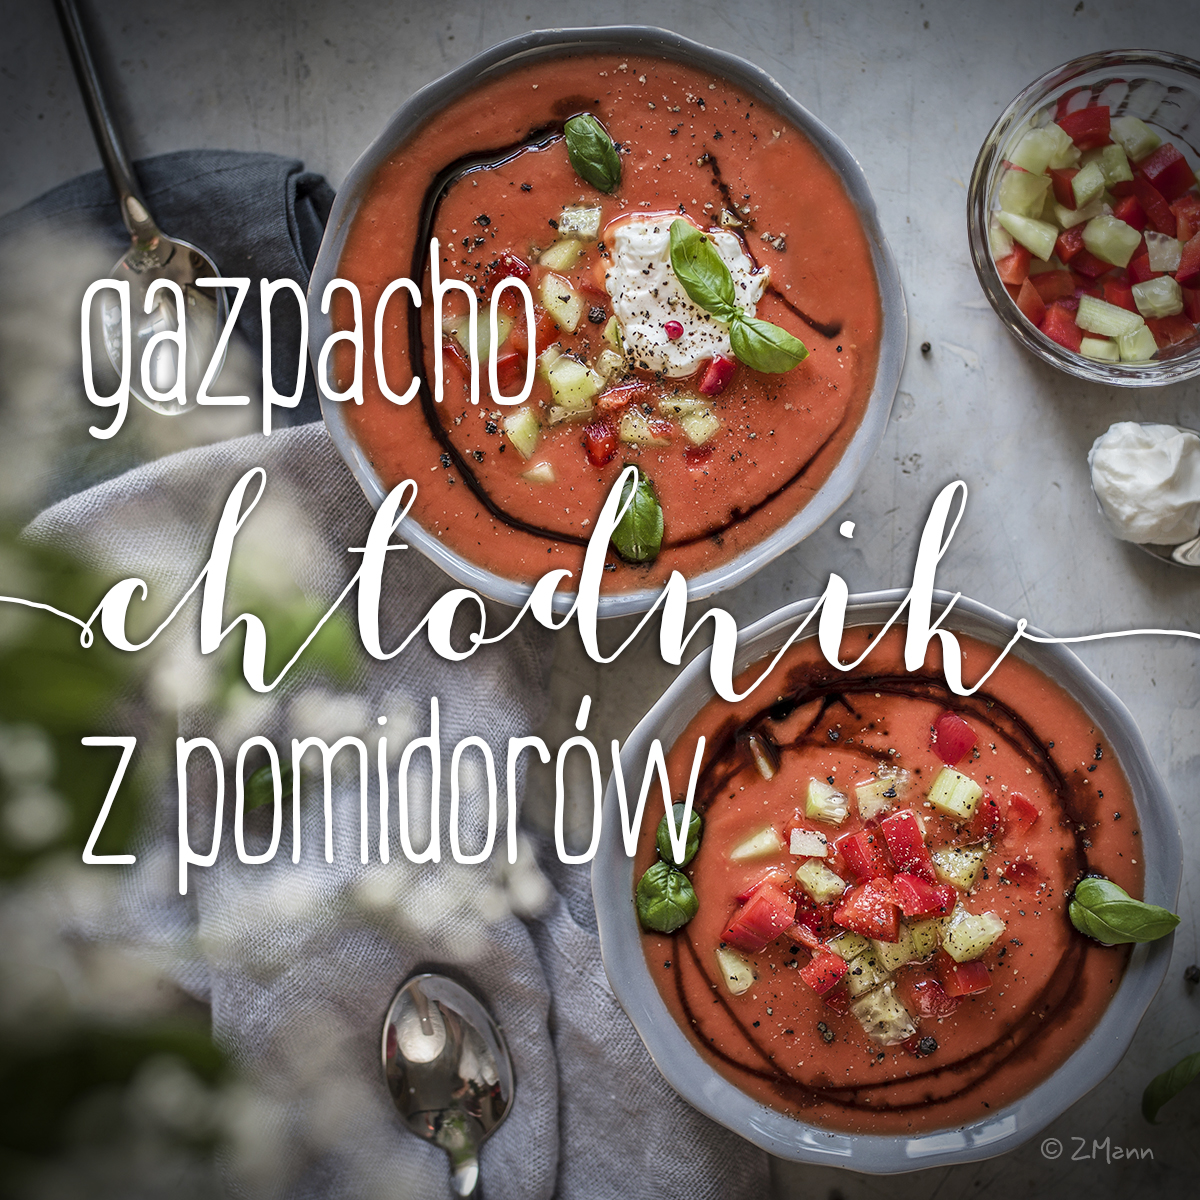 gazpacho . chłodnik z pomidorów